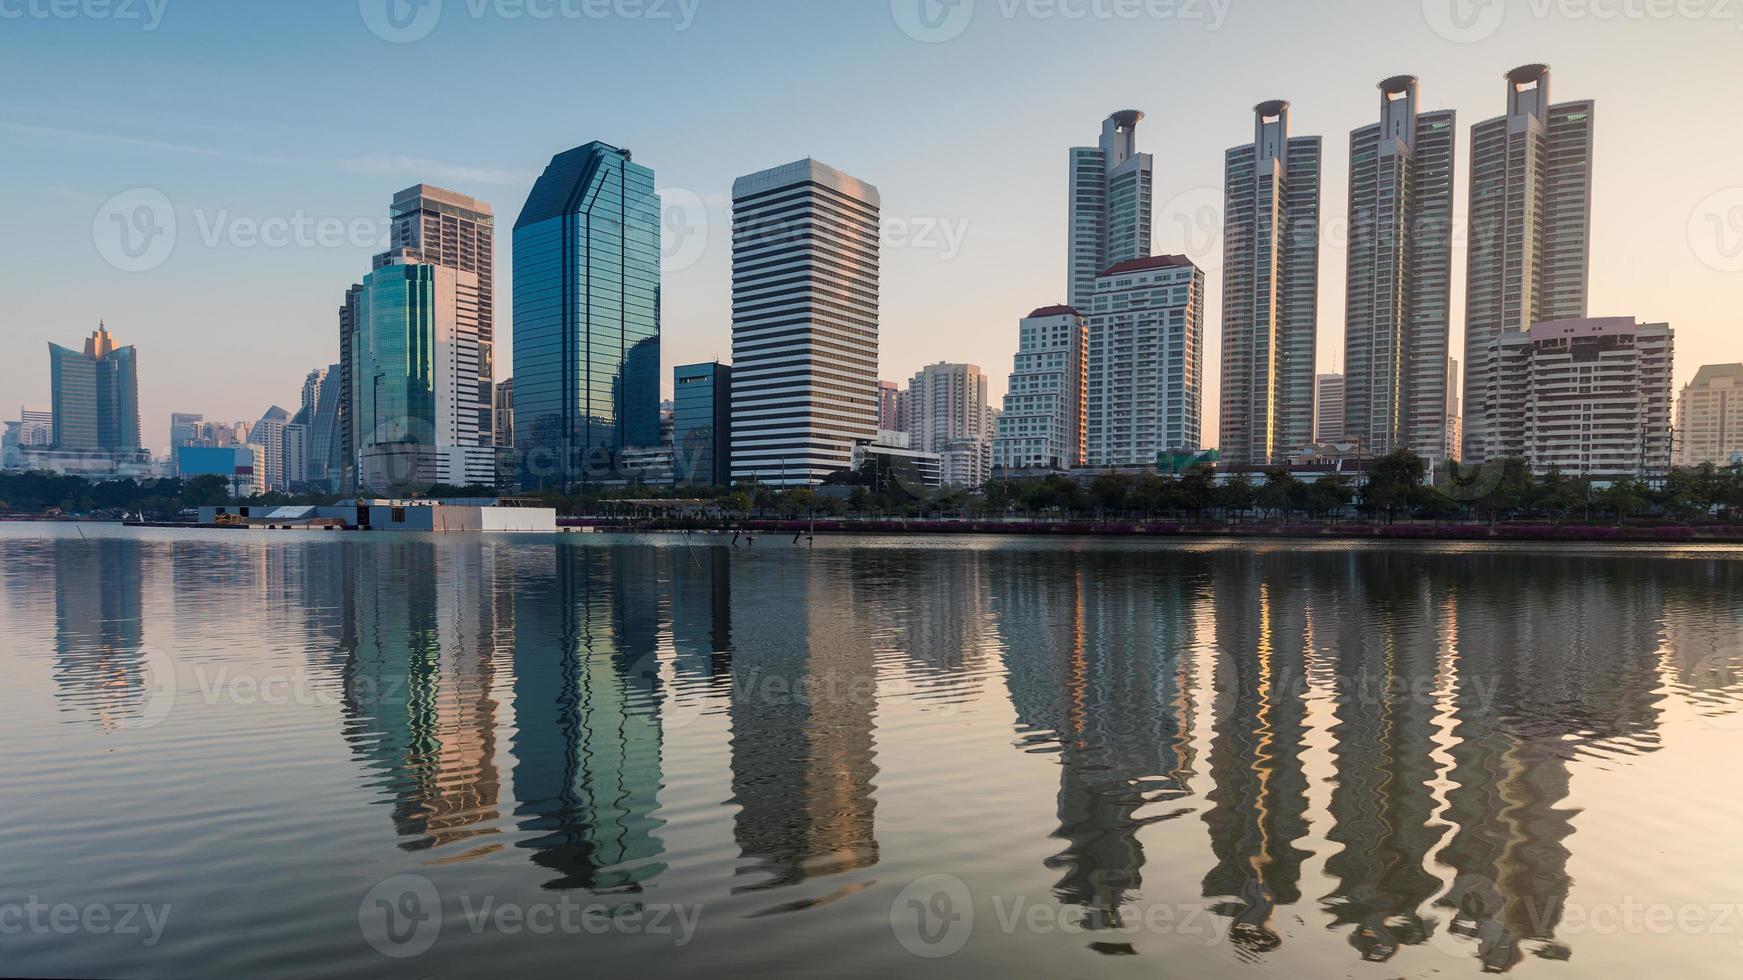 Edificio de oficinas de Bangkok con reflejo de agua durante el amanecer foto